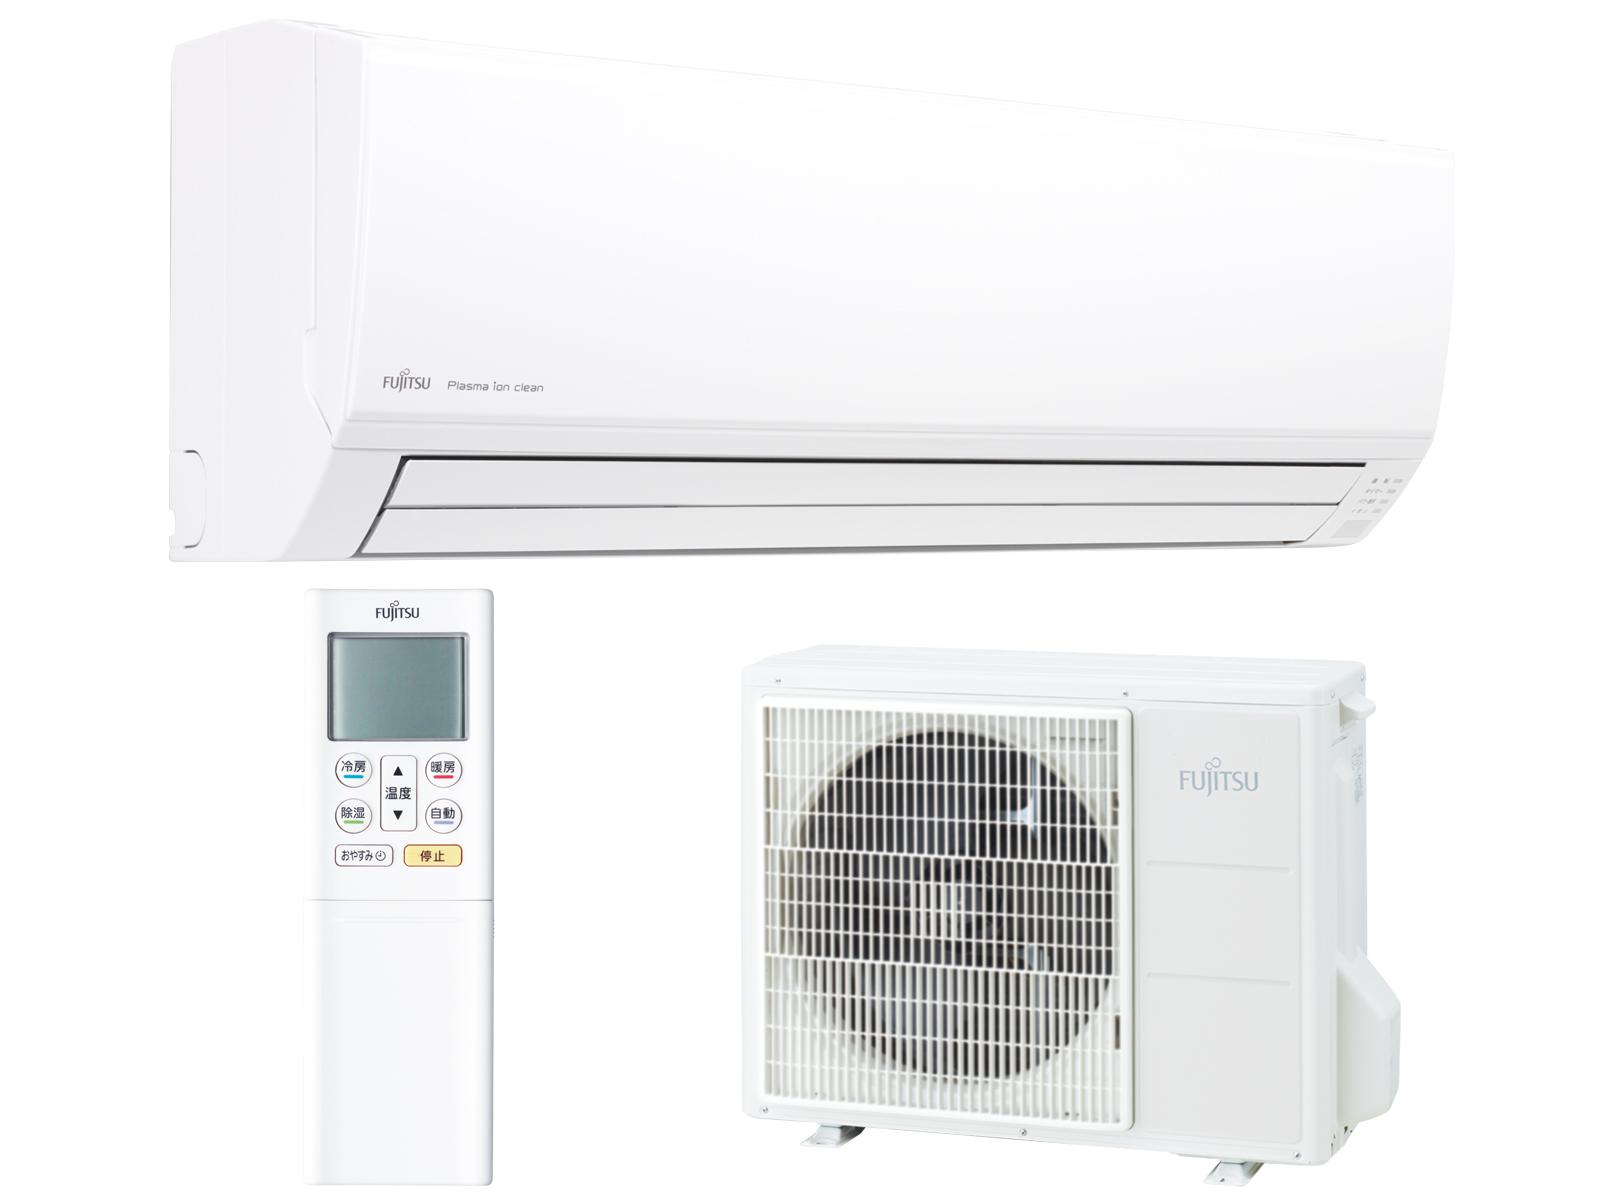 Fujitsu Asy Wall Mounted Air Conditoning System Capital